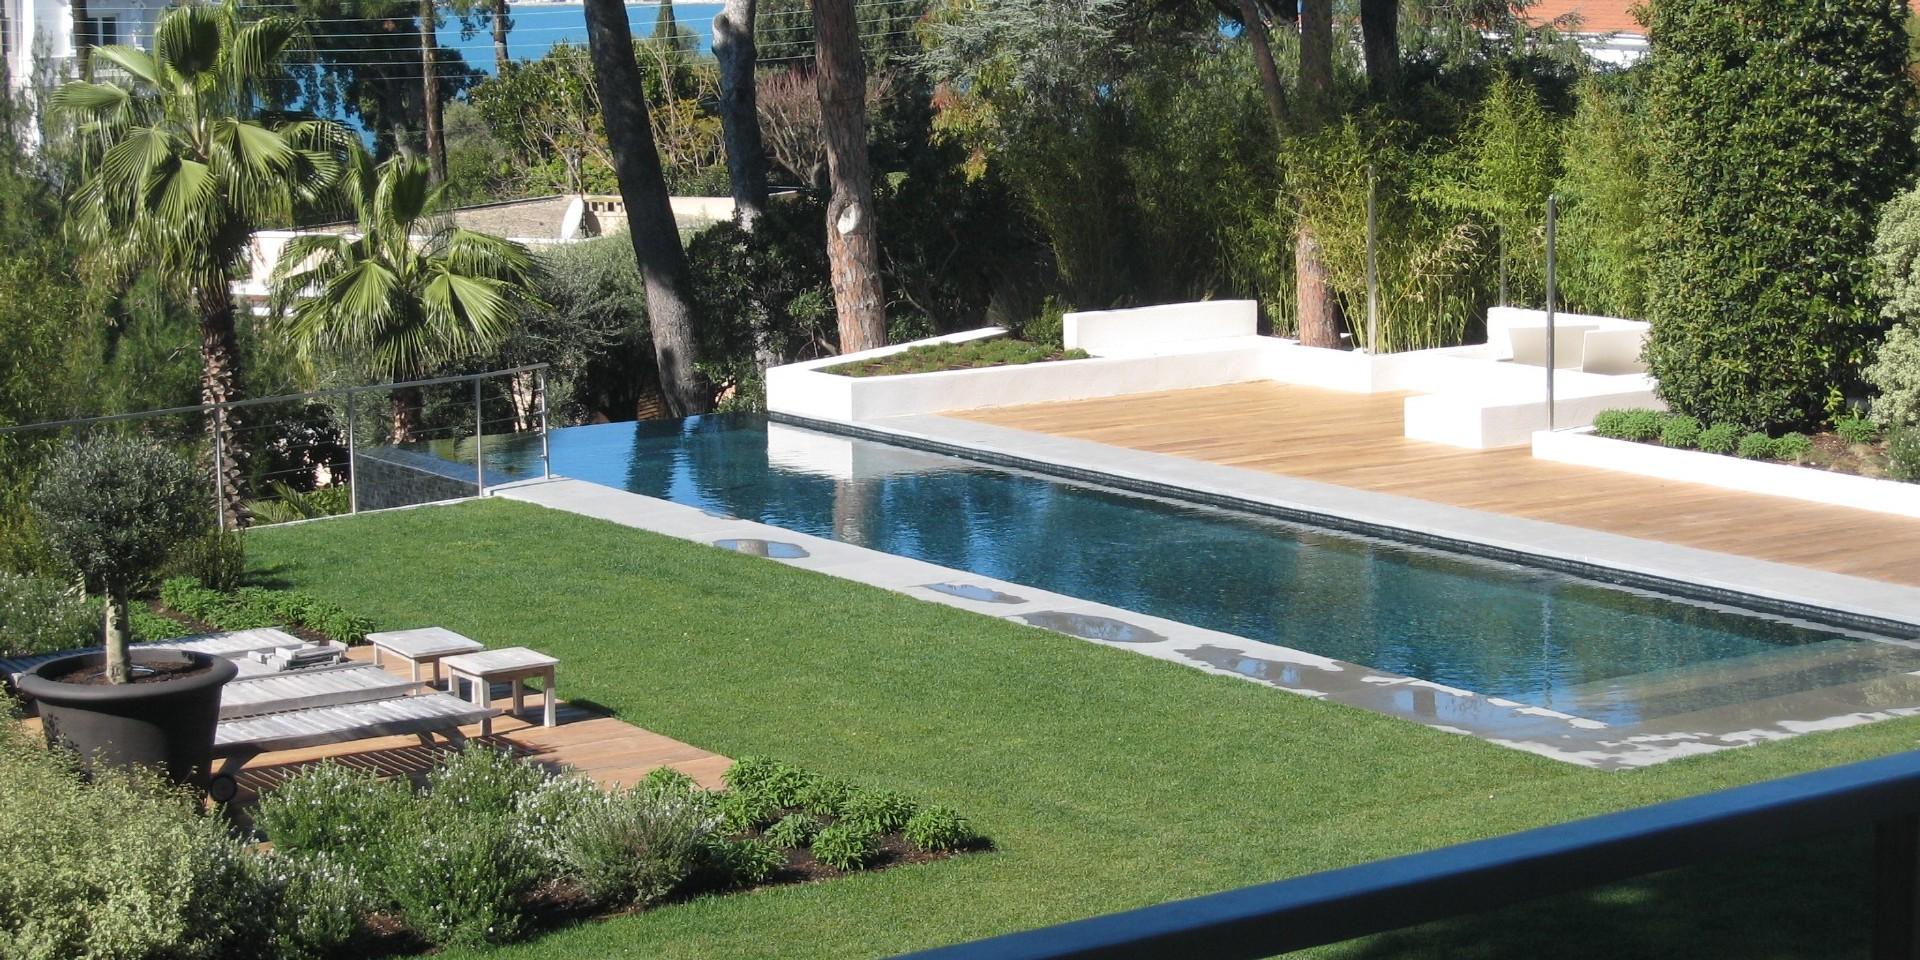 Deco jardin olivier nanterre maison design for Paysagiste piscine